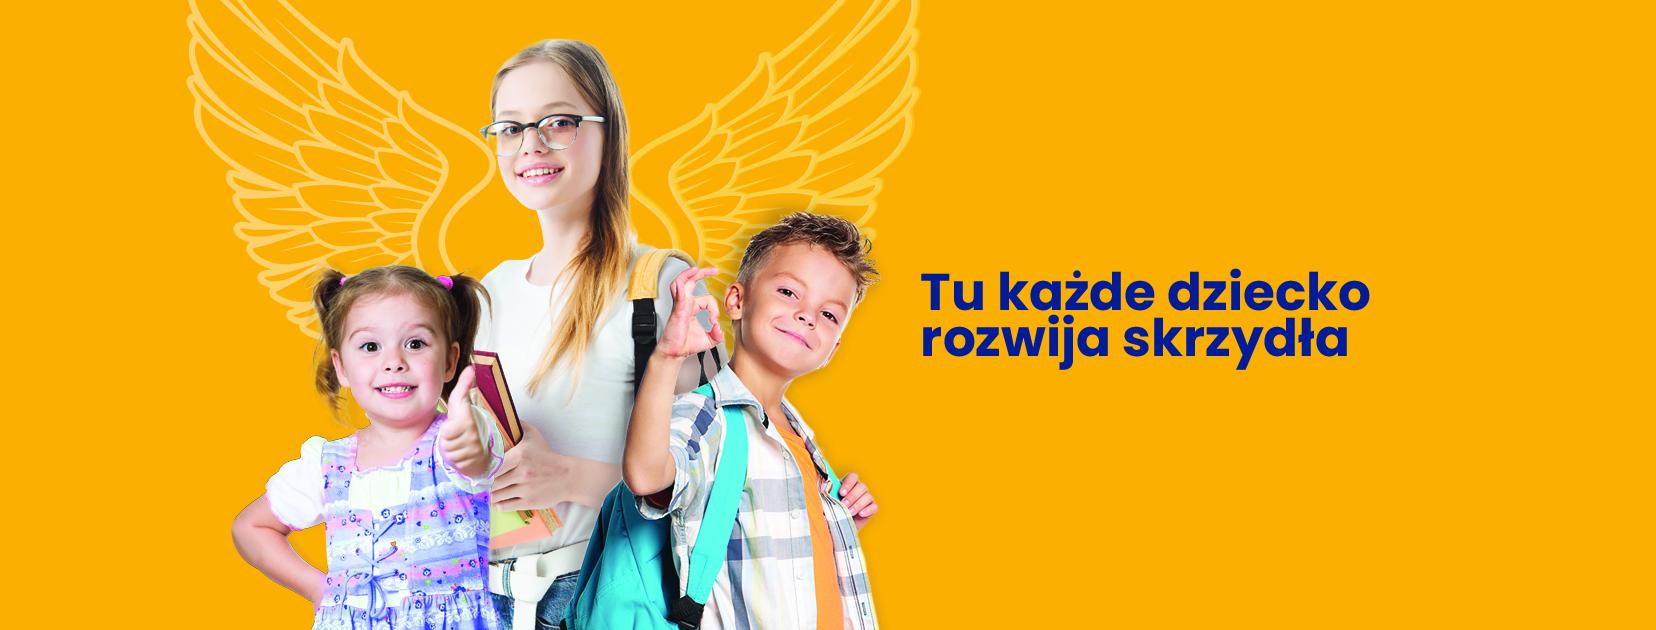 akademia nauki Warszawa zdjęcie w tle